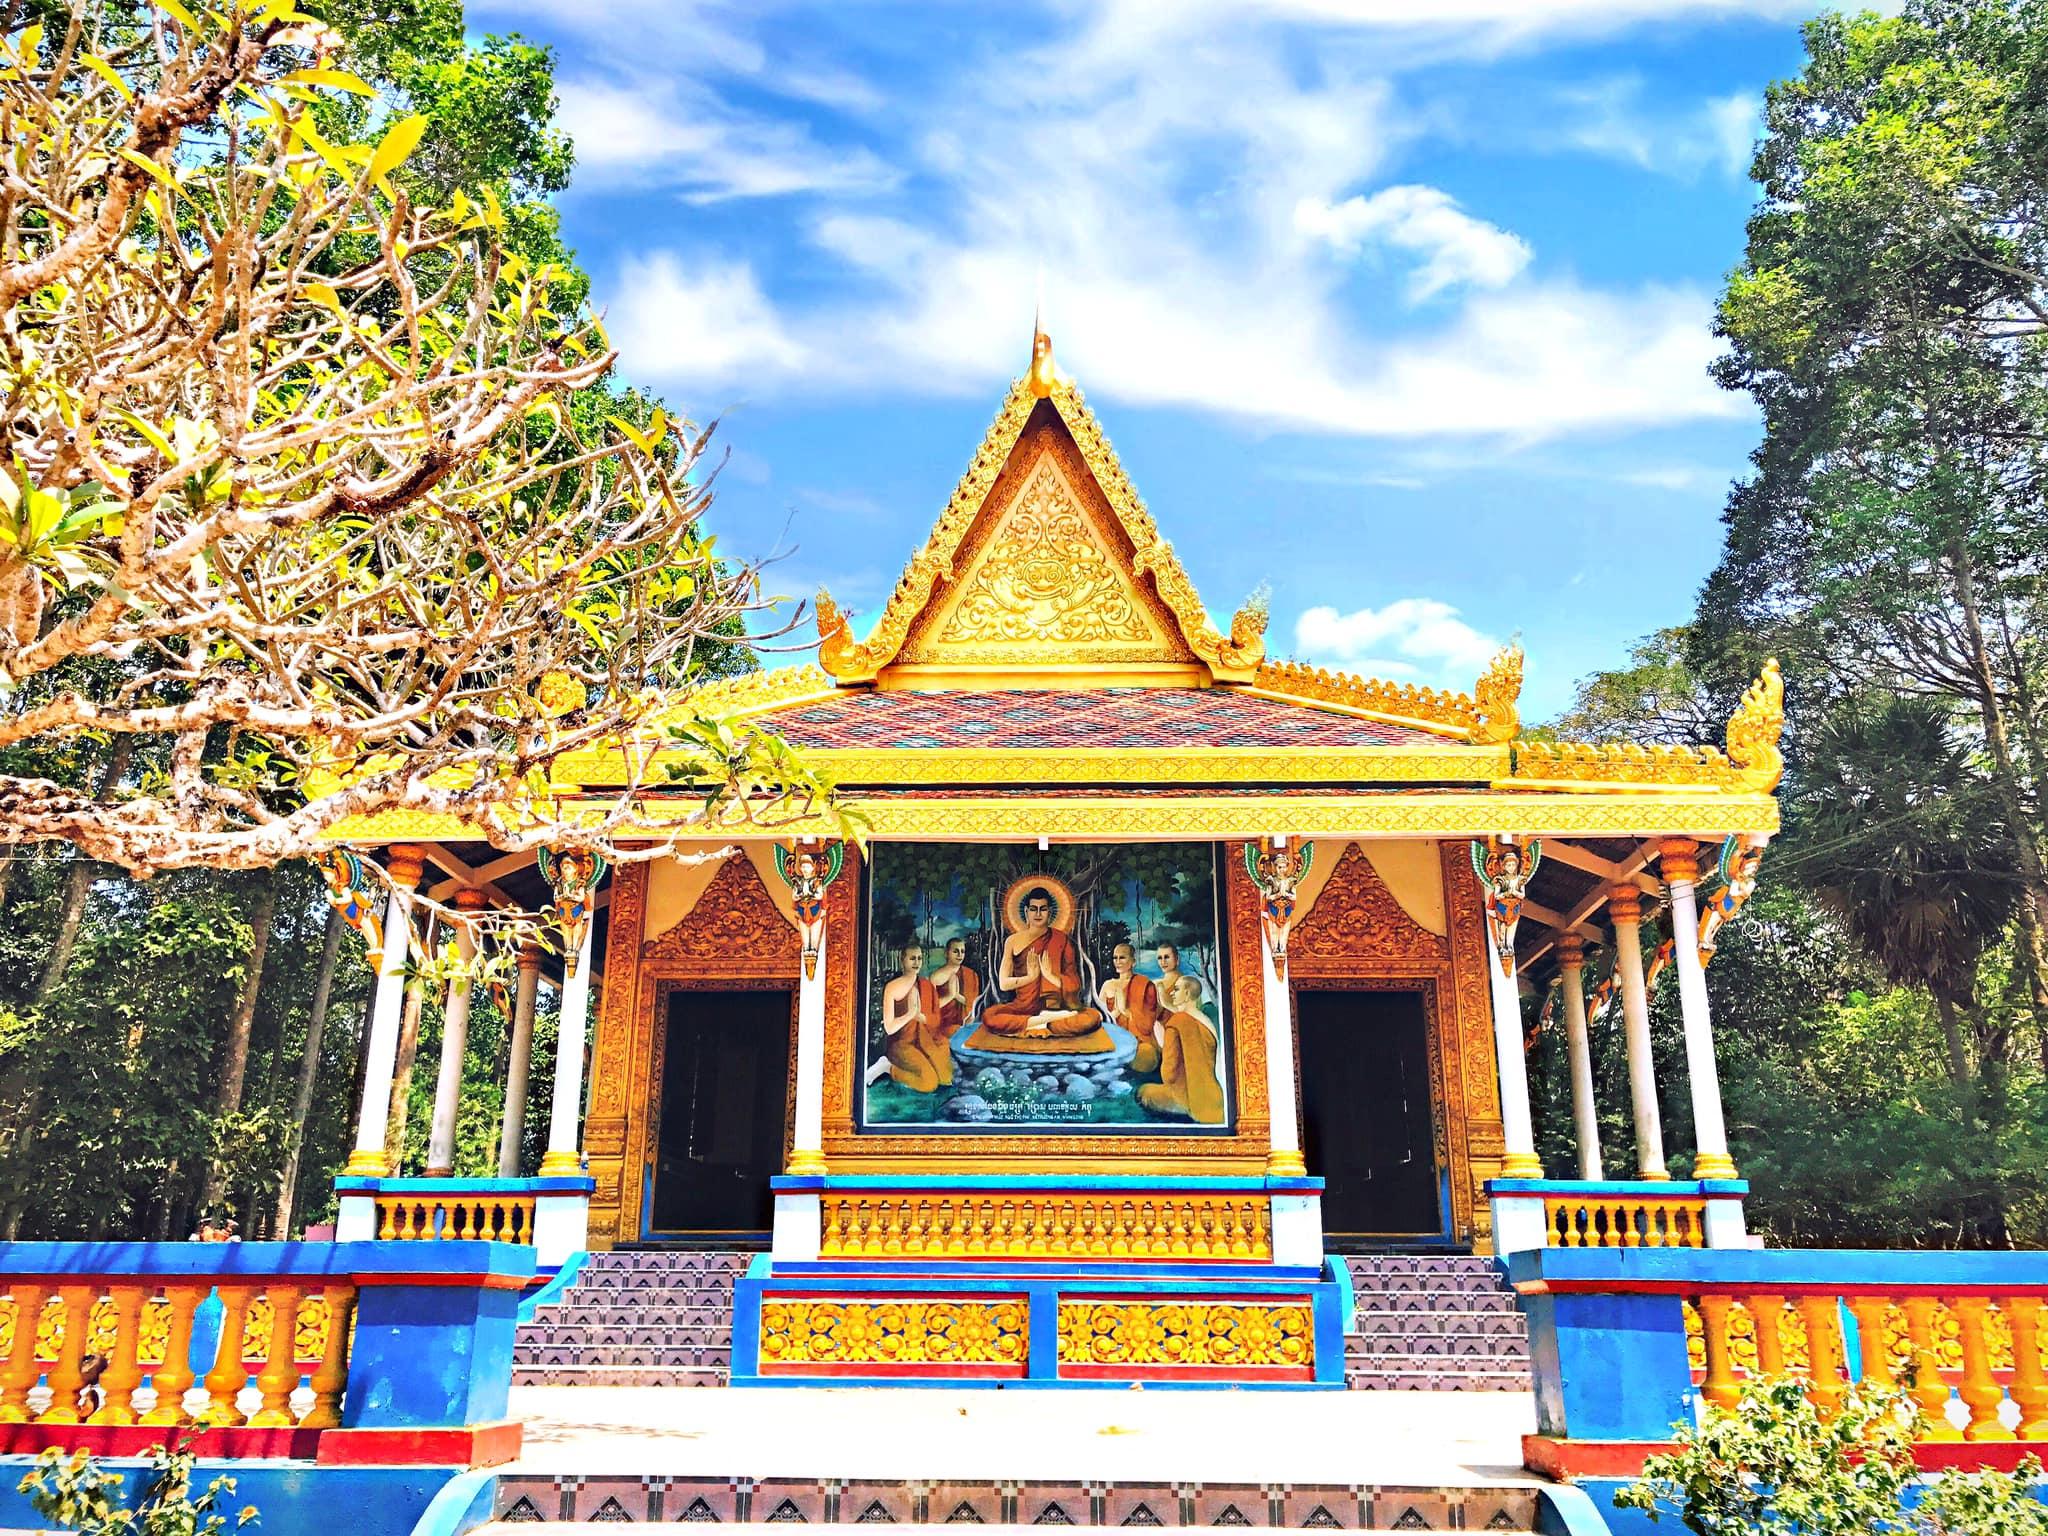 Chùa Dơi - Điểm du lịch tâm linh nổi tiếng Sóc Trăng